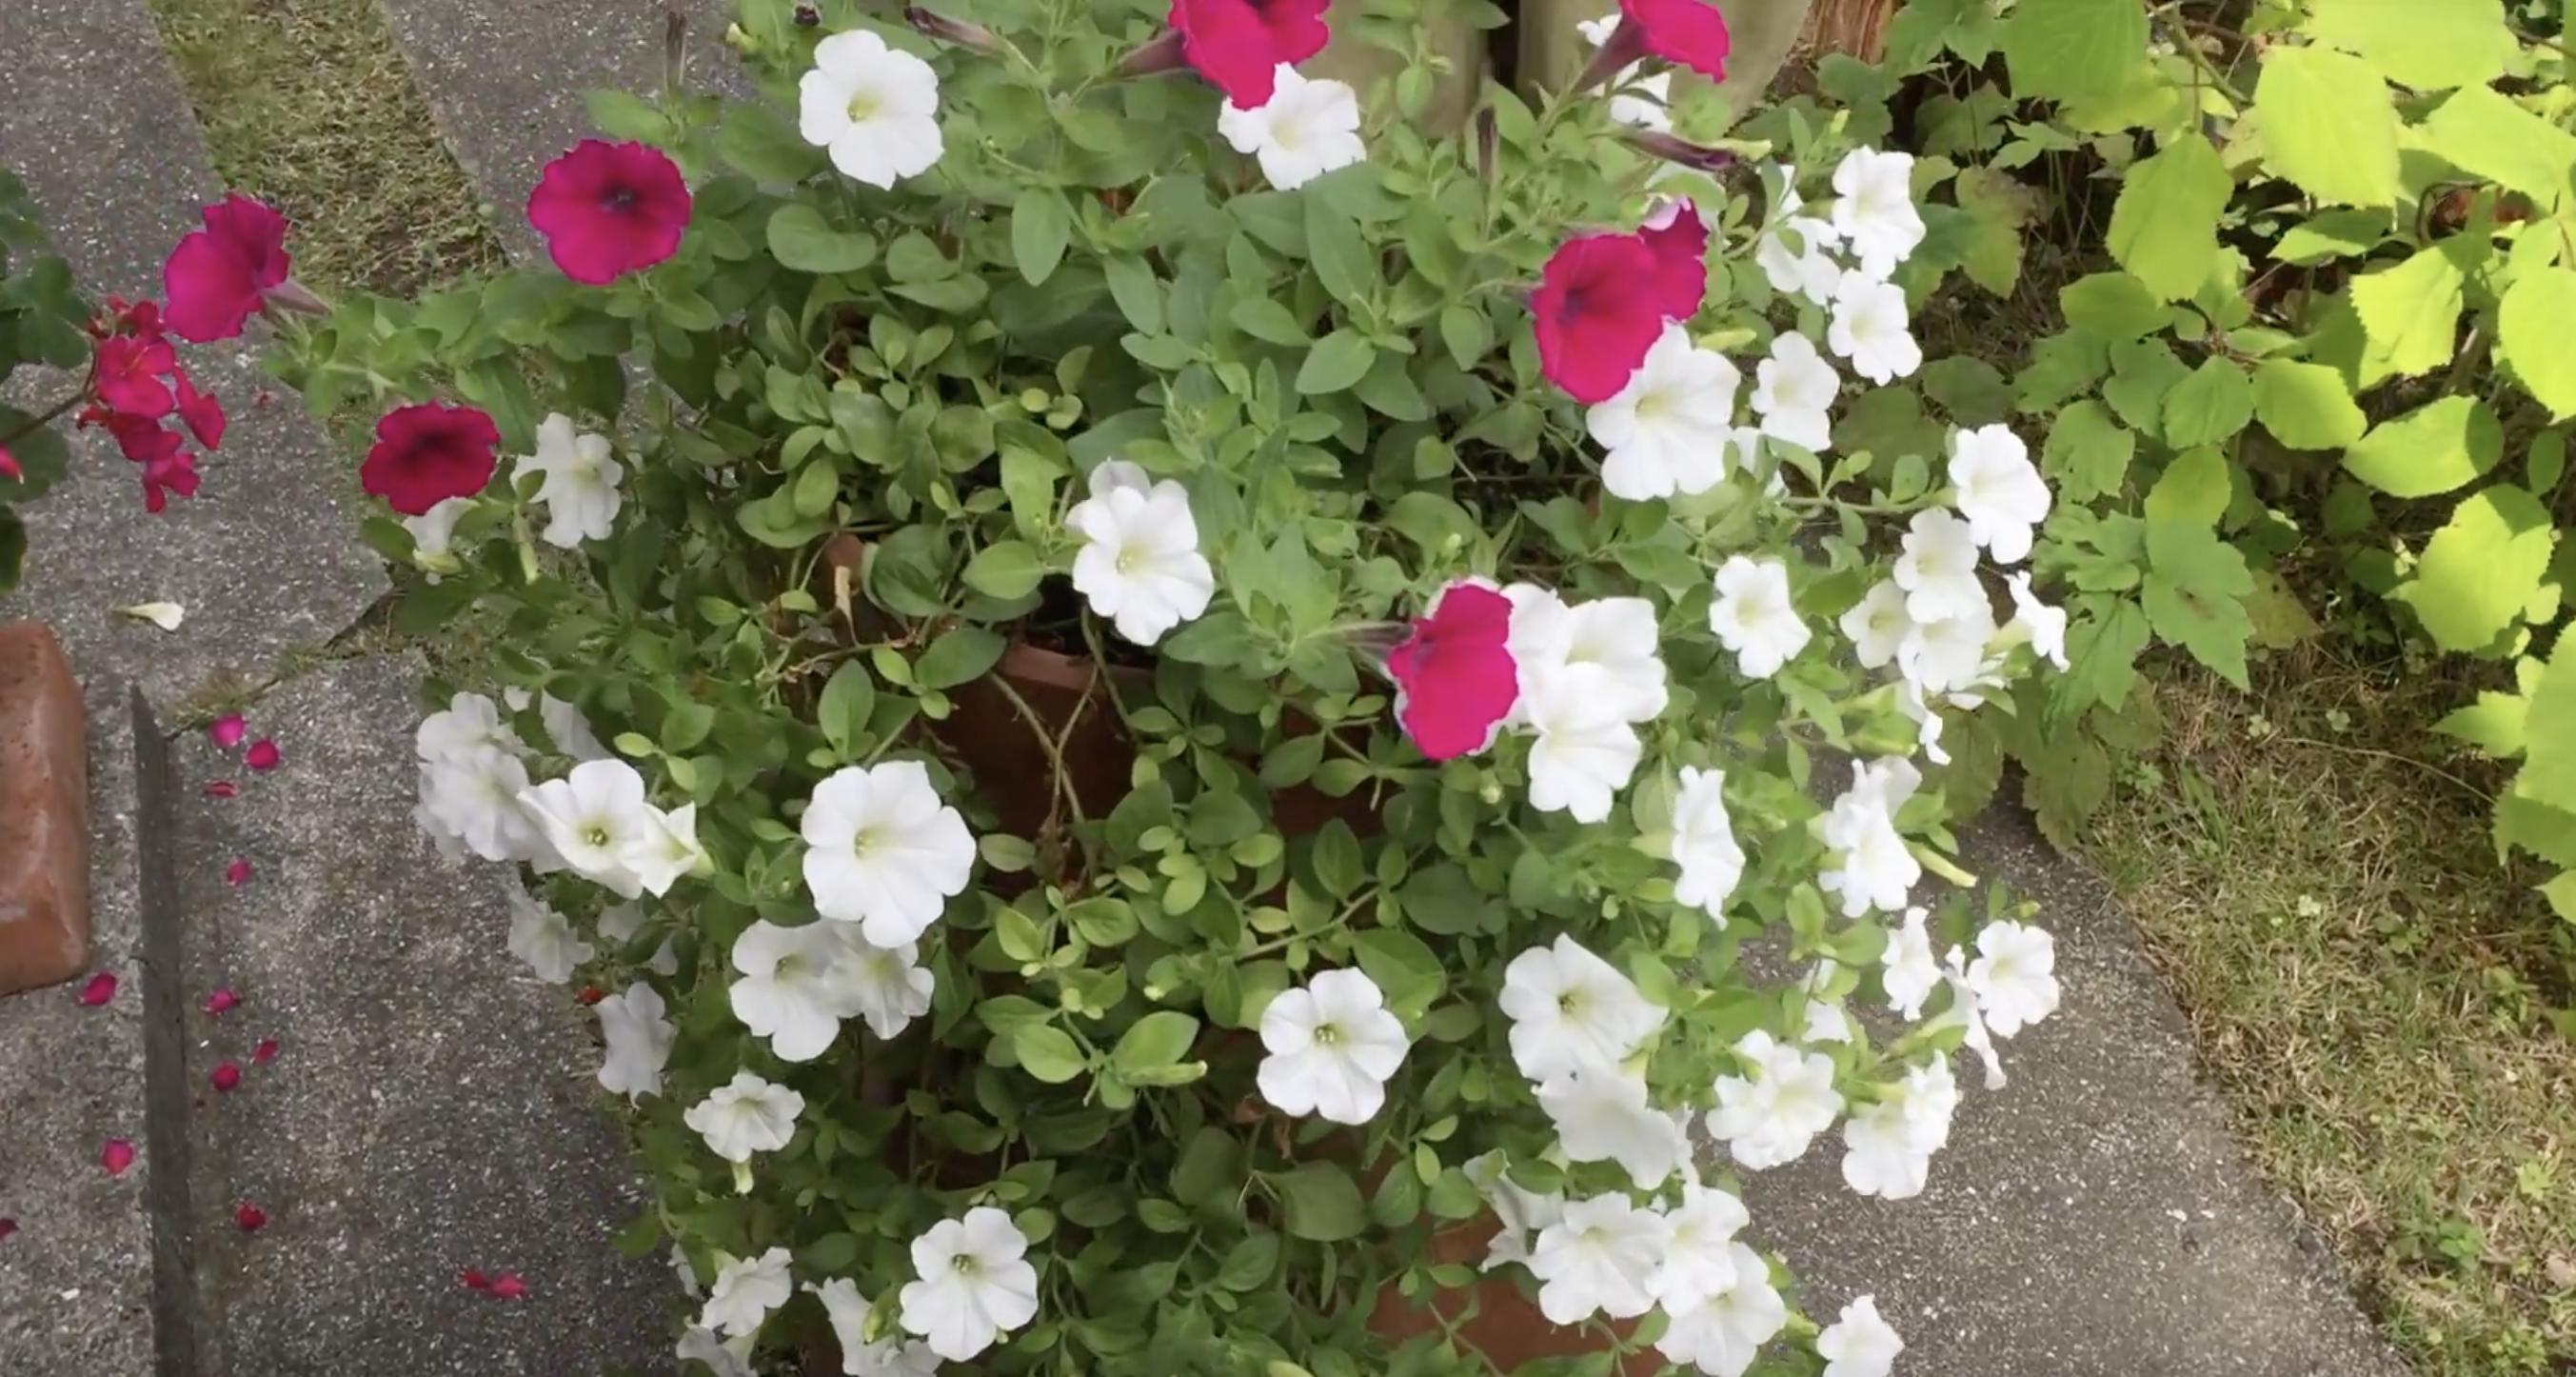 ペチュニアの挿し芽を鉢上げしました 〜ネコブセンチュウの被害から1年〜